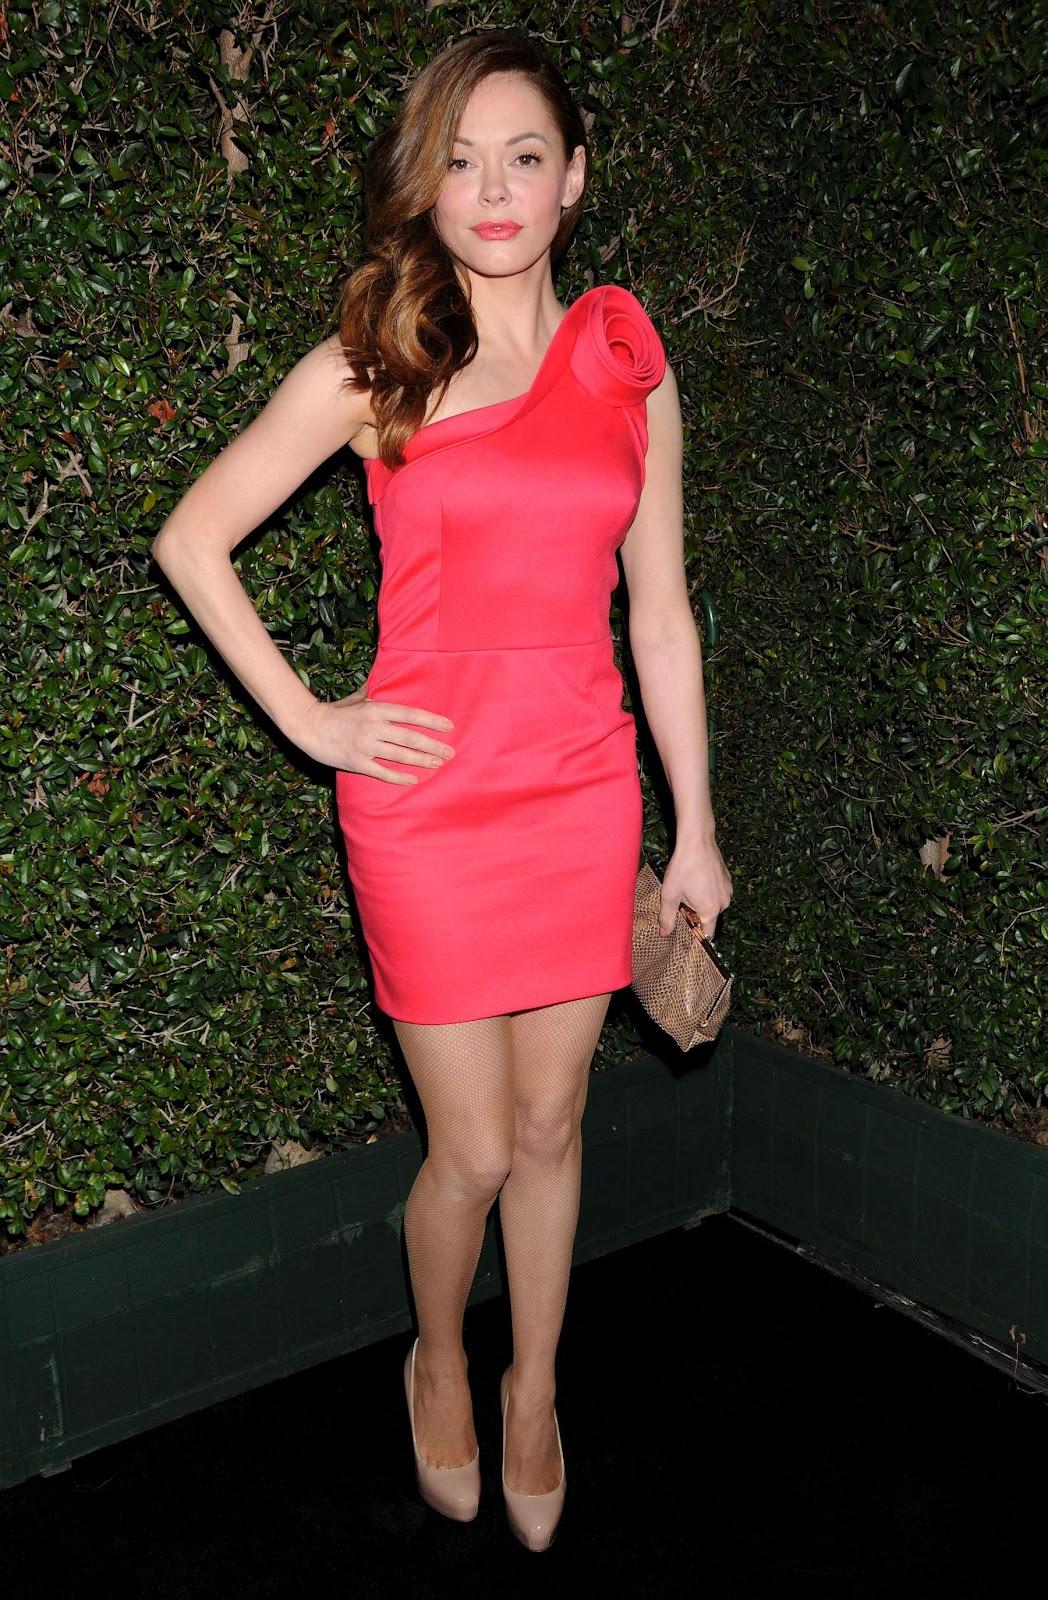 http://2.bp.blogspot.com/-Y1lLFZUMfaE/T3V6p4eLoZI/AAAAAAAARIY/-UT4jd0v5vQ/s1600/Rose+McGowan+at+Valentino+50th+Anniversary-07.jpg